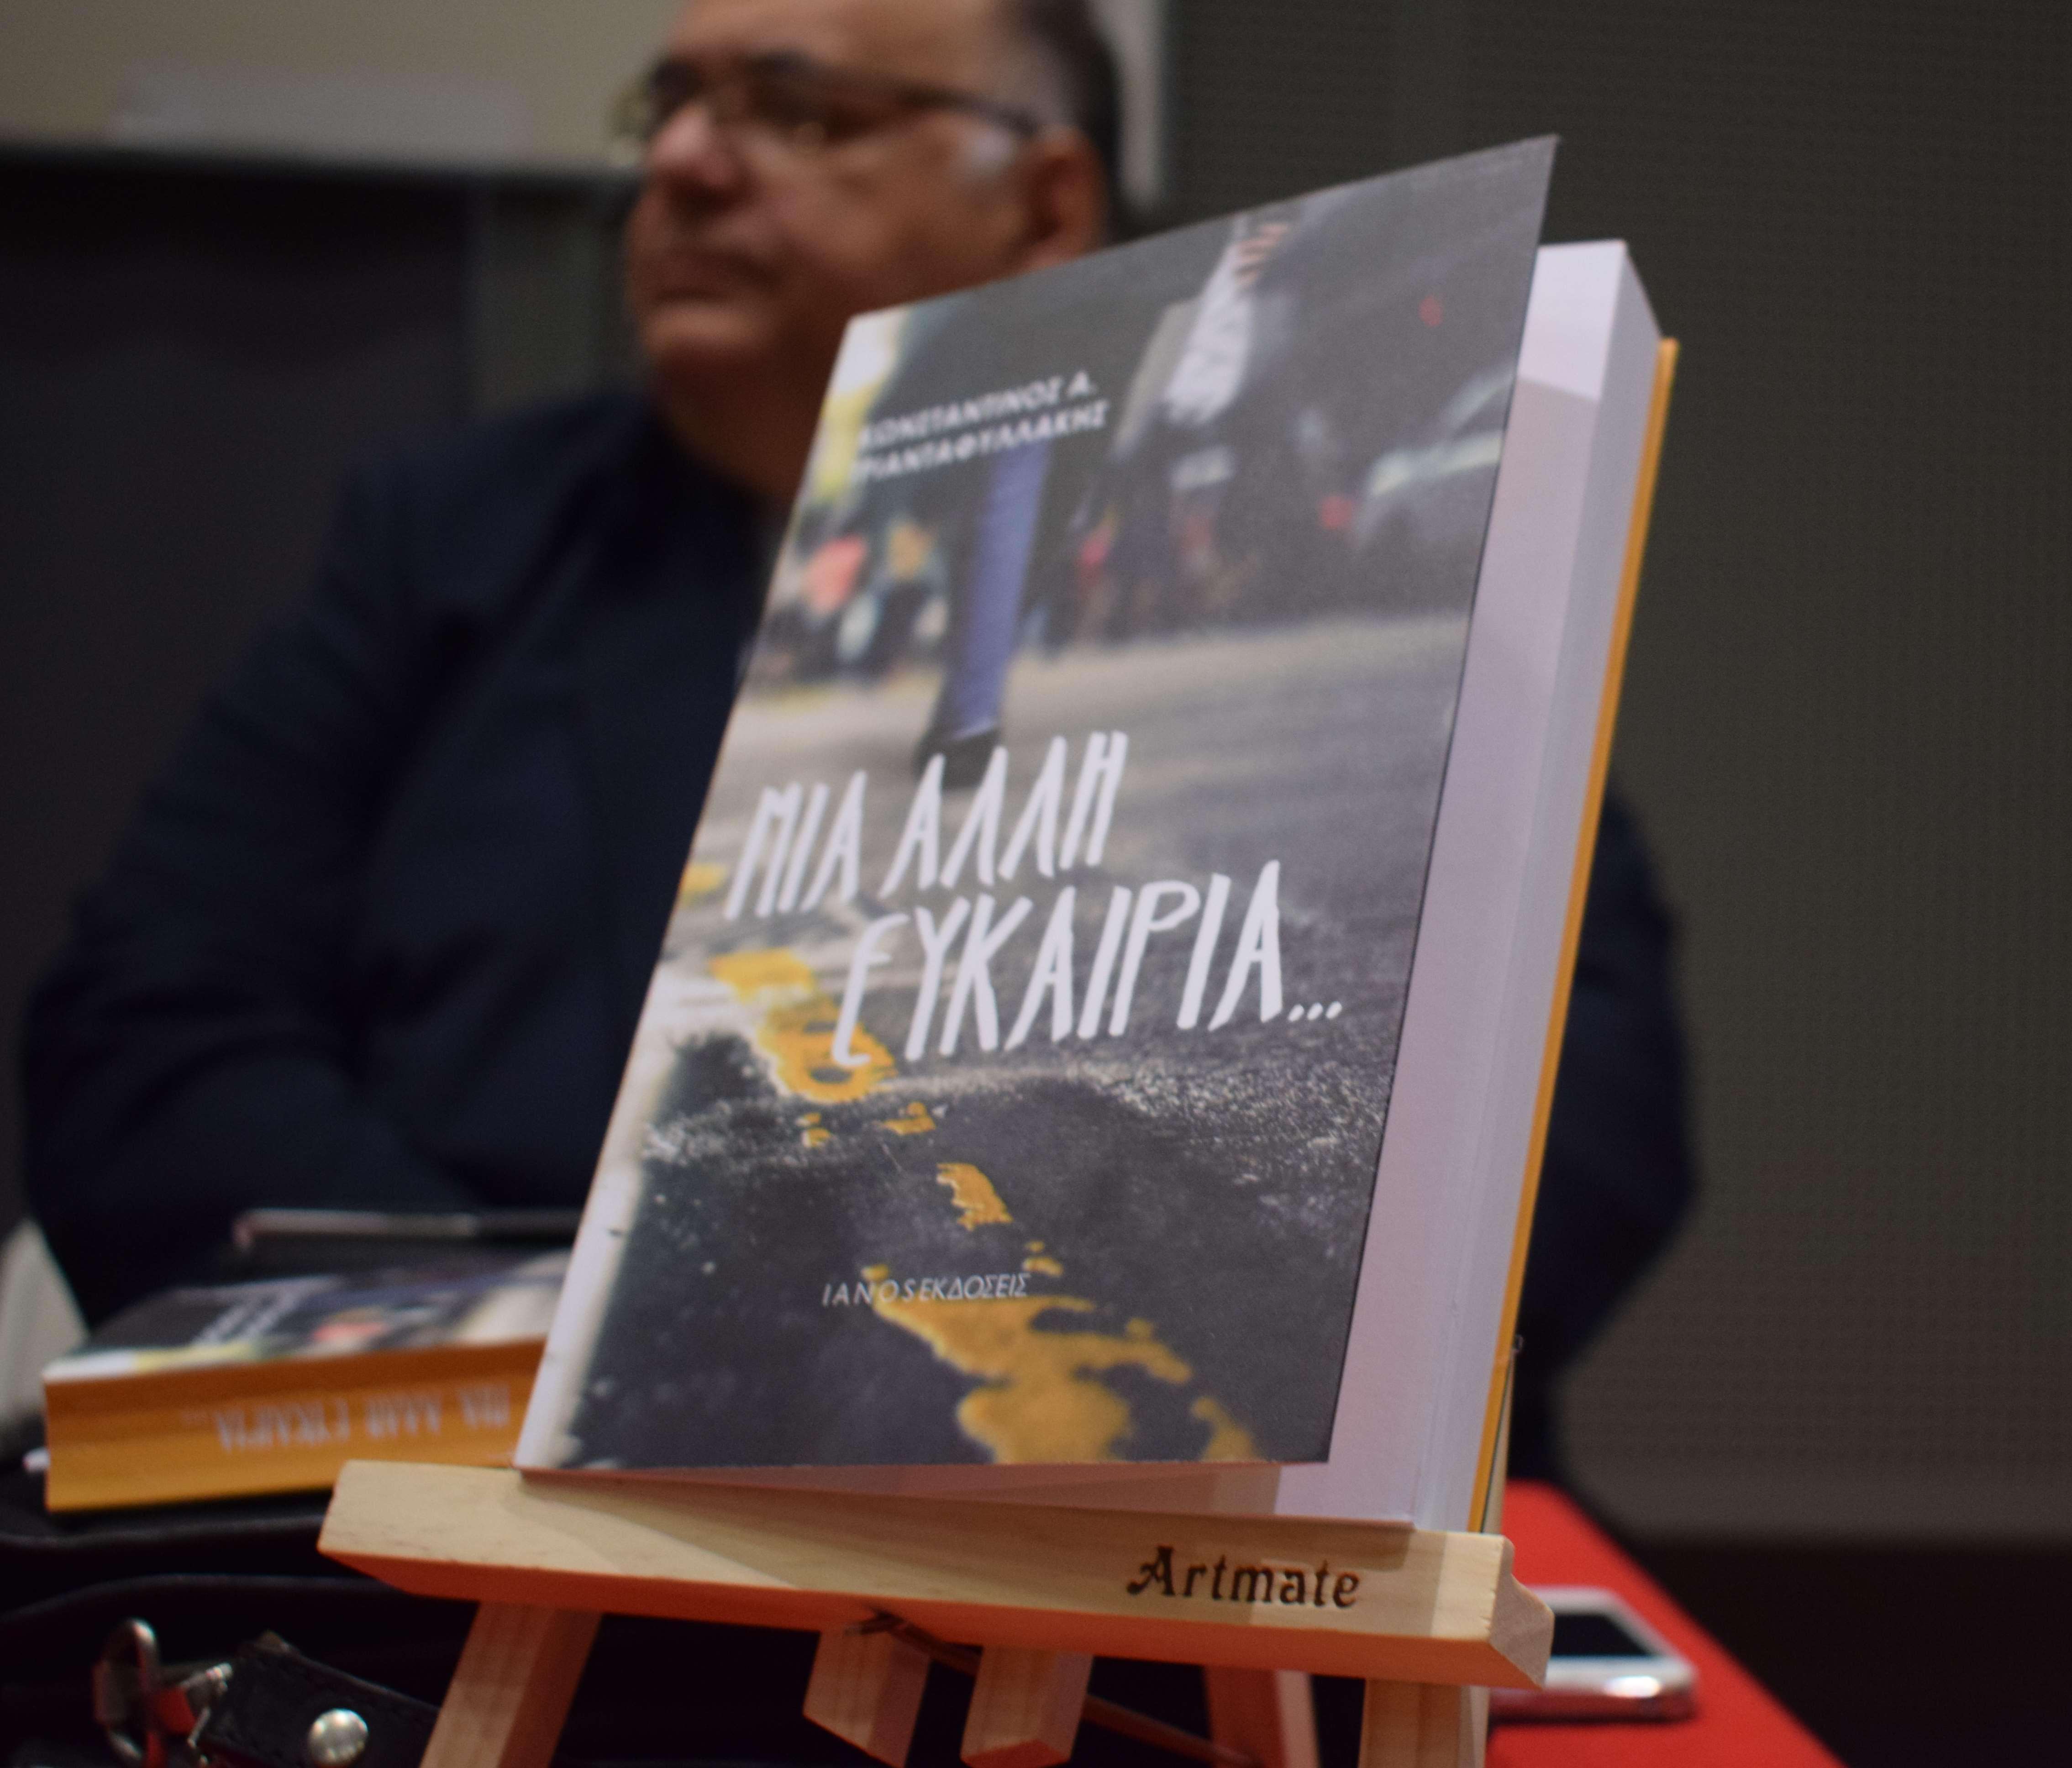 Πάτρα: Παρουσιάστηκε το βιβλίο «Μια άλλη ευκαιρία» του Κωνσταντίνου Τριανταφυλλάκη - ΔΕΙΤΕ ΦΩΤΟ